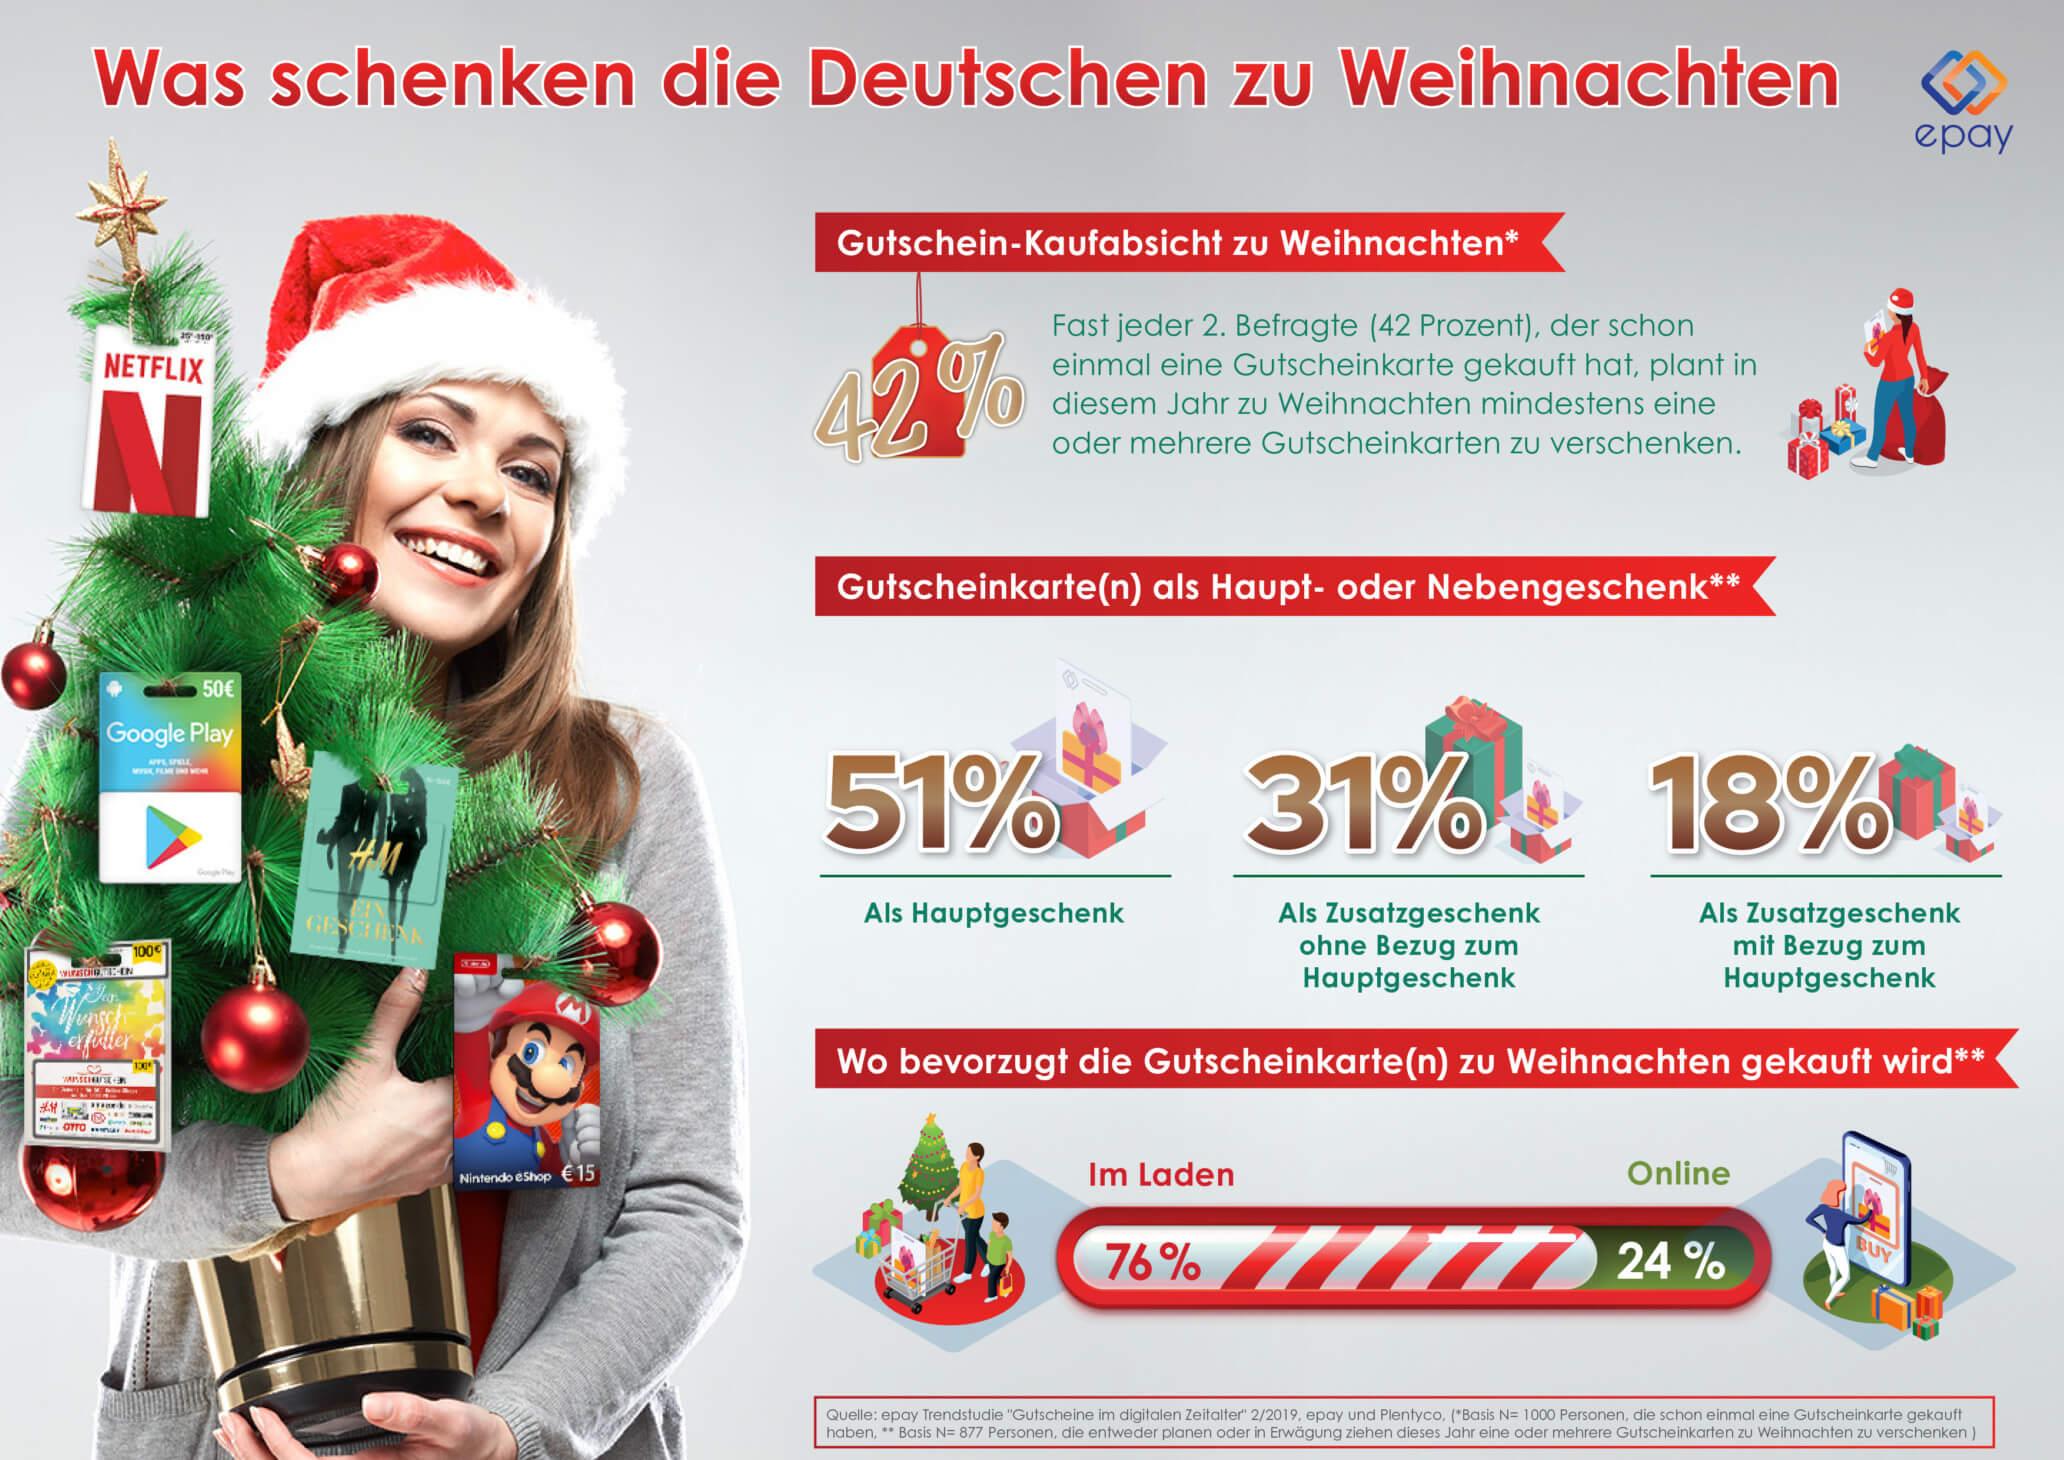 epay Trendstudie zum Thema Weihnachtsgeschenke